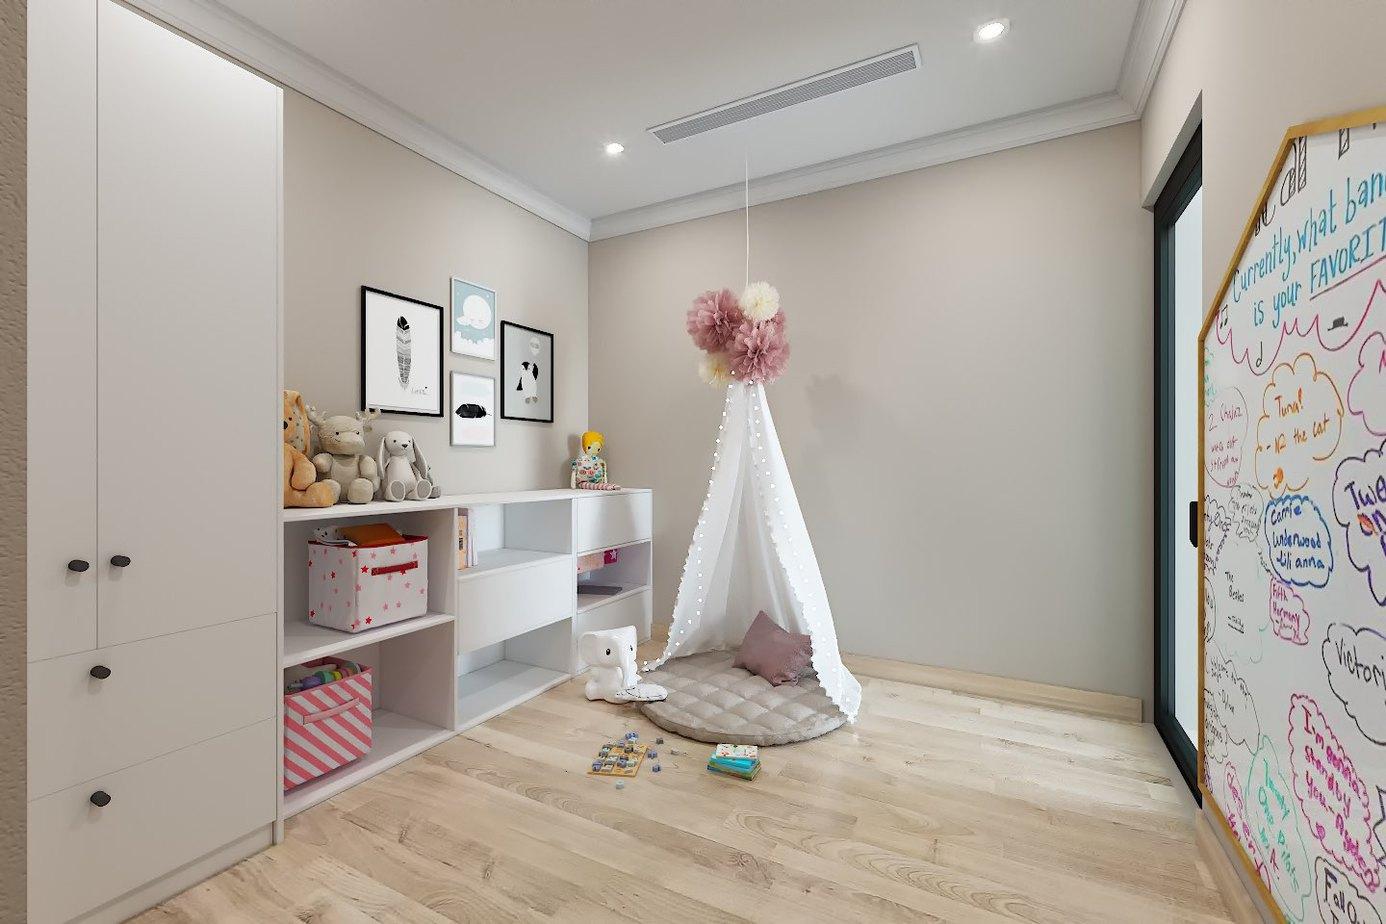 Giường ngủ thiết kế kiểu túp lều công chúa độc đáo, sáng tạo, hấp dẫn tạo nên chỗ nghỉ nghỉ thoải mái và đẹp mắt cho bé